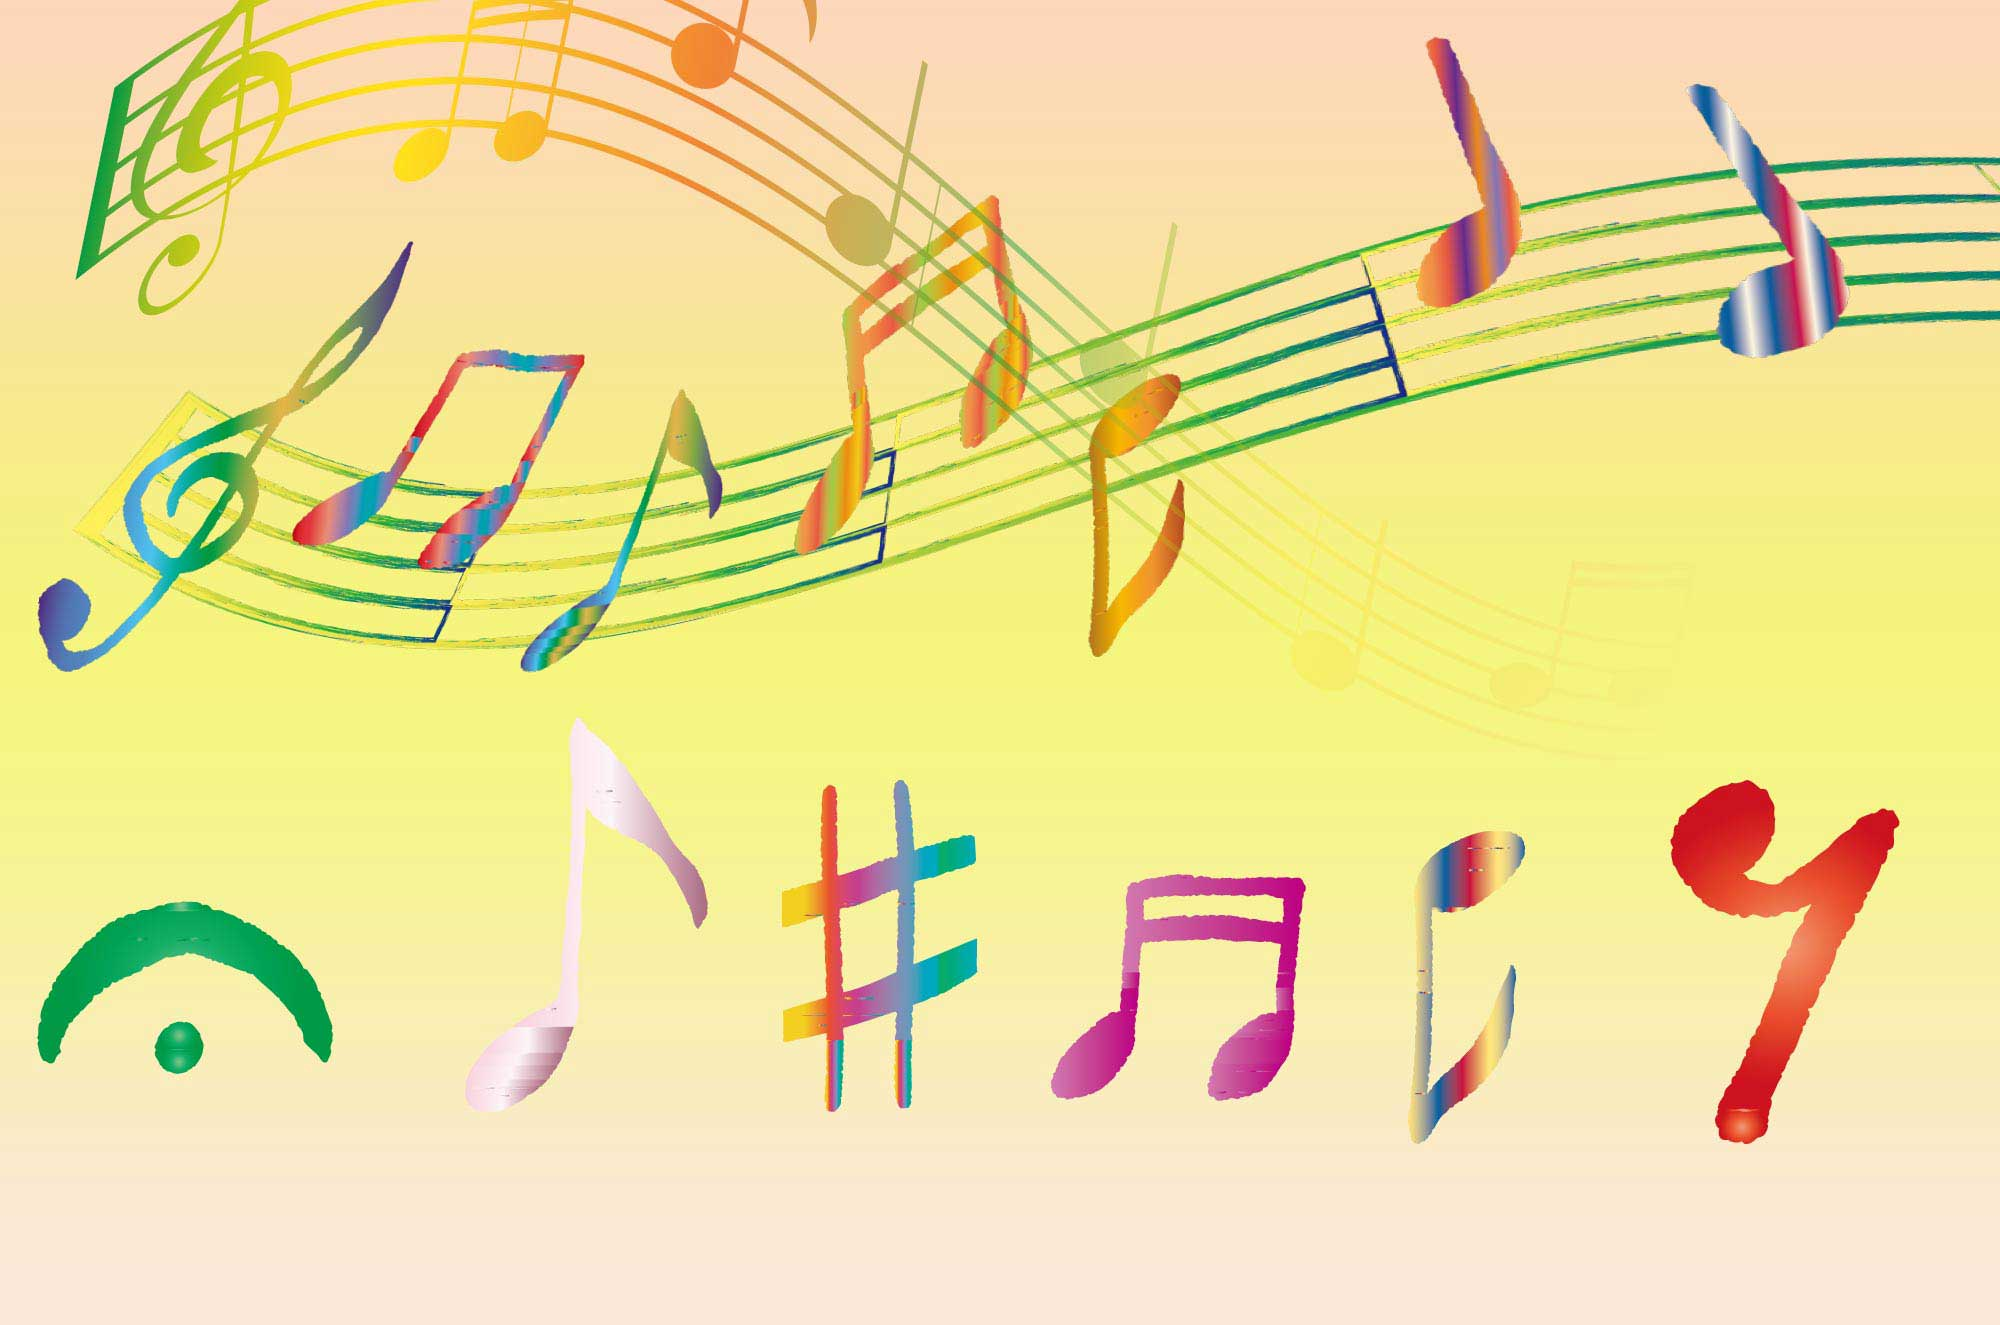 可愛い手描きの音符イラスト フリーのメロディーライン チコデザ